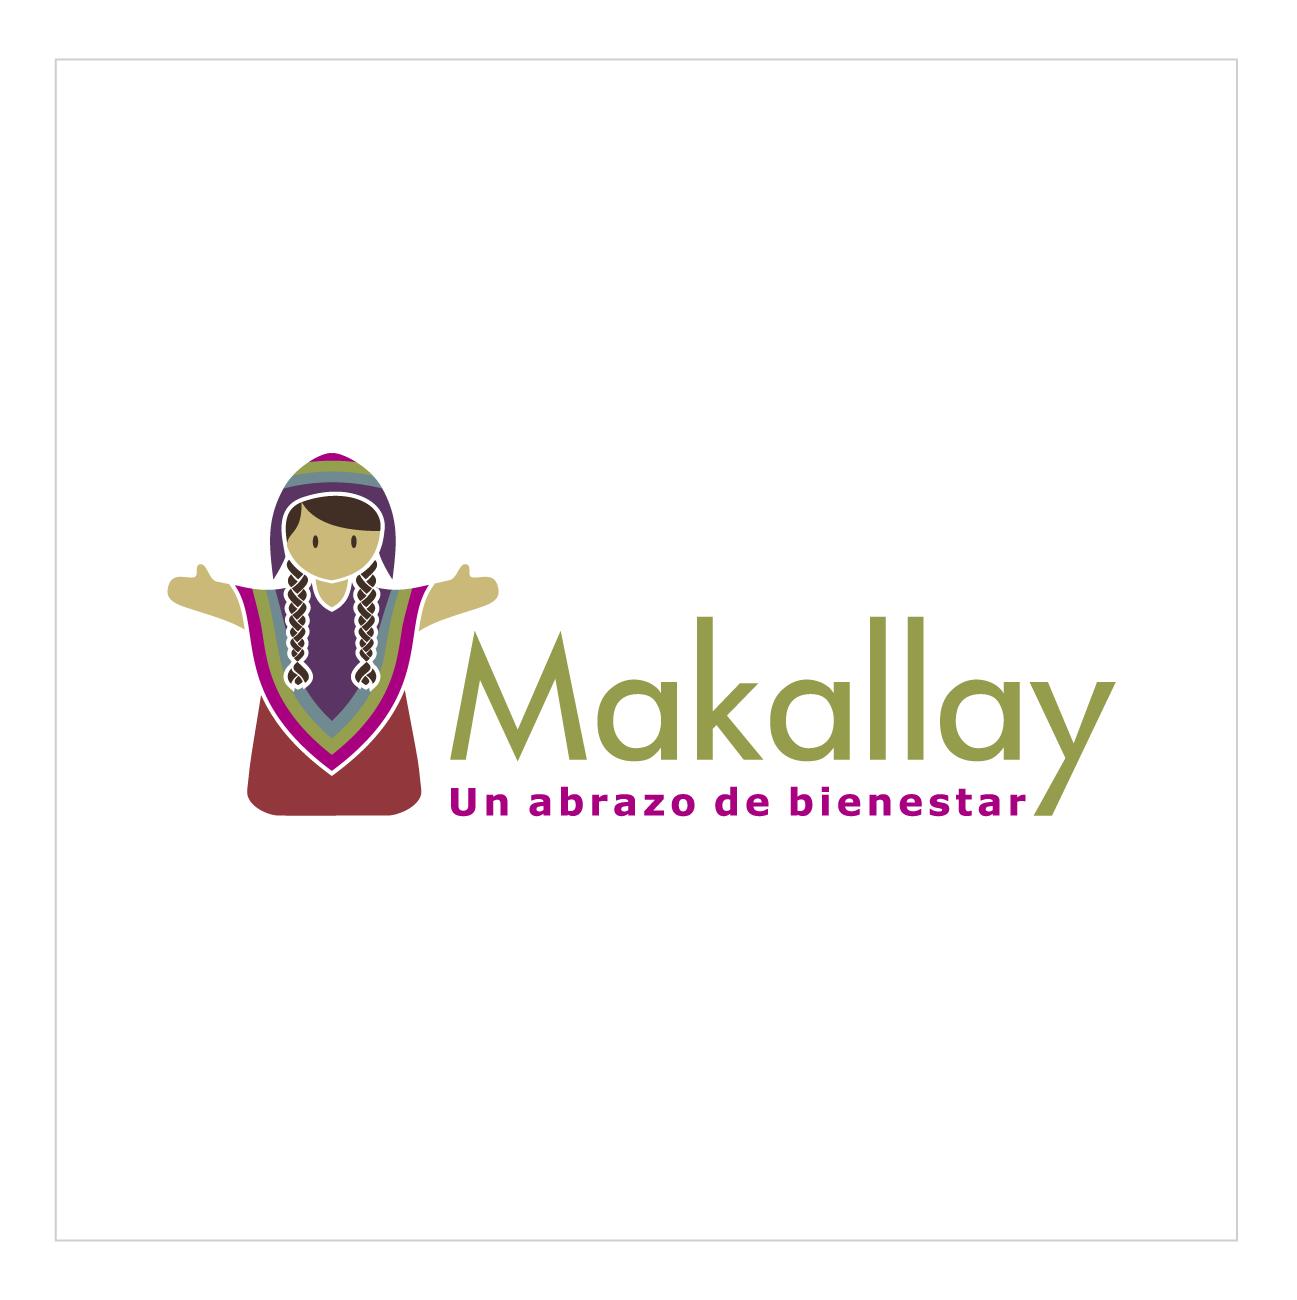 Makallay.png